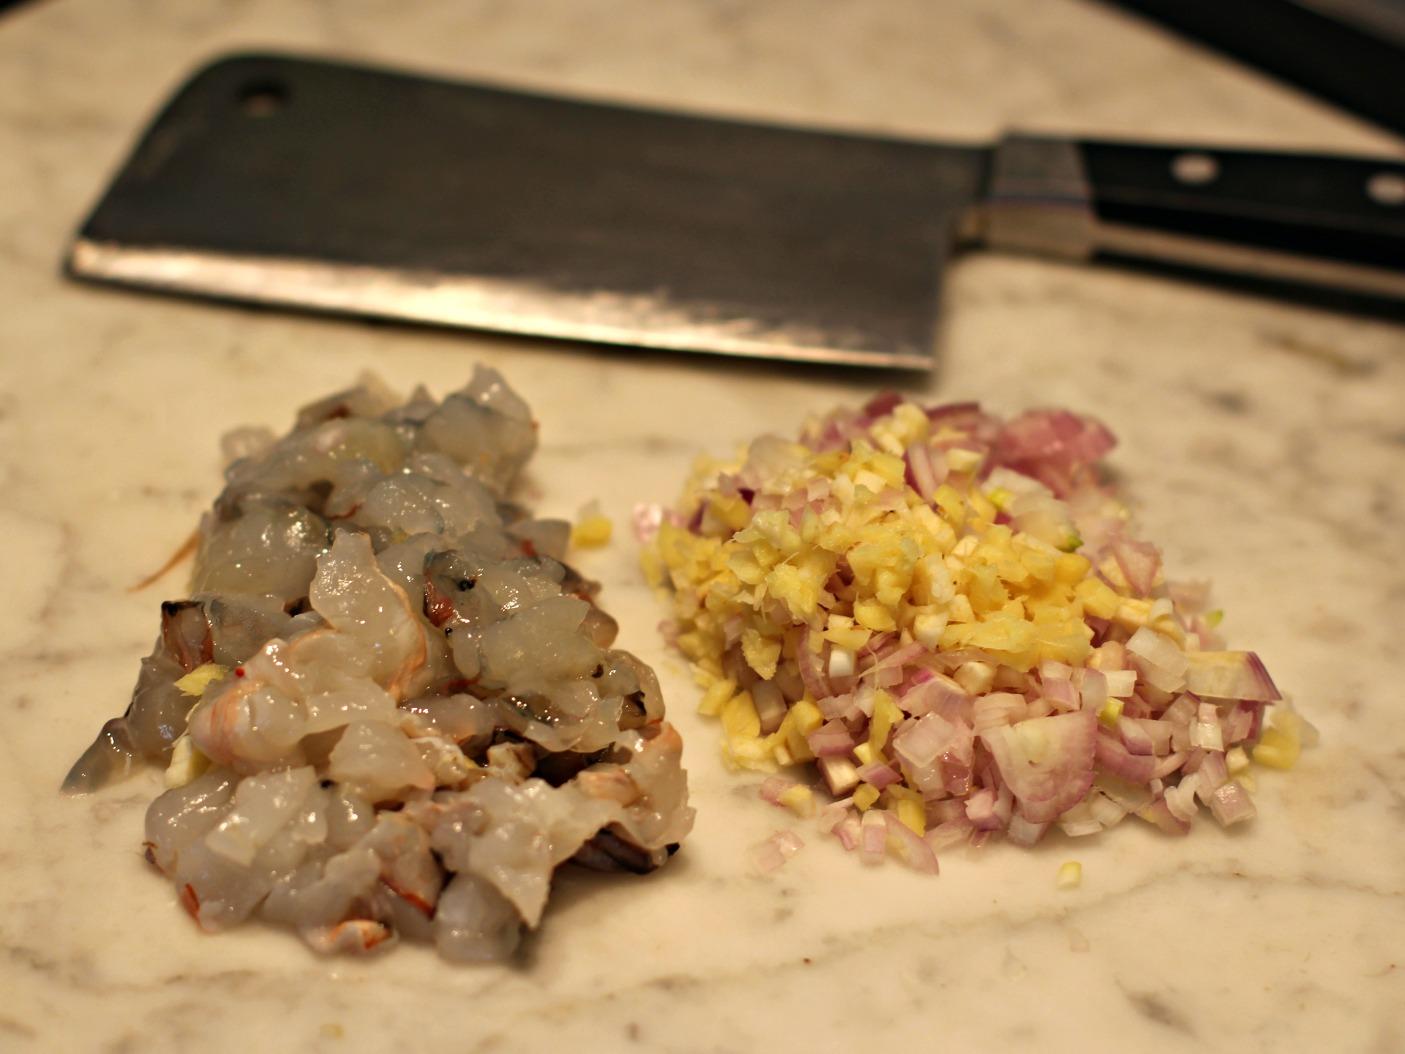 Gehackte Garnelen und Schalotten, Ingwer, Knoblauch für Krabbenomelette - Shrimp Egg Foo Yong